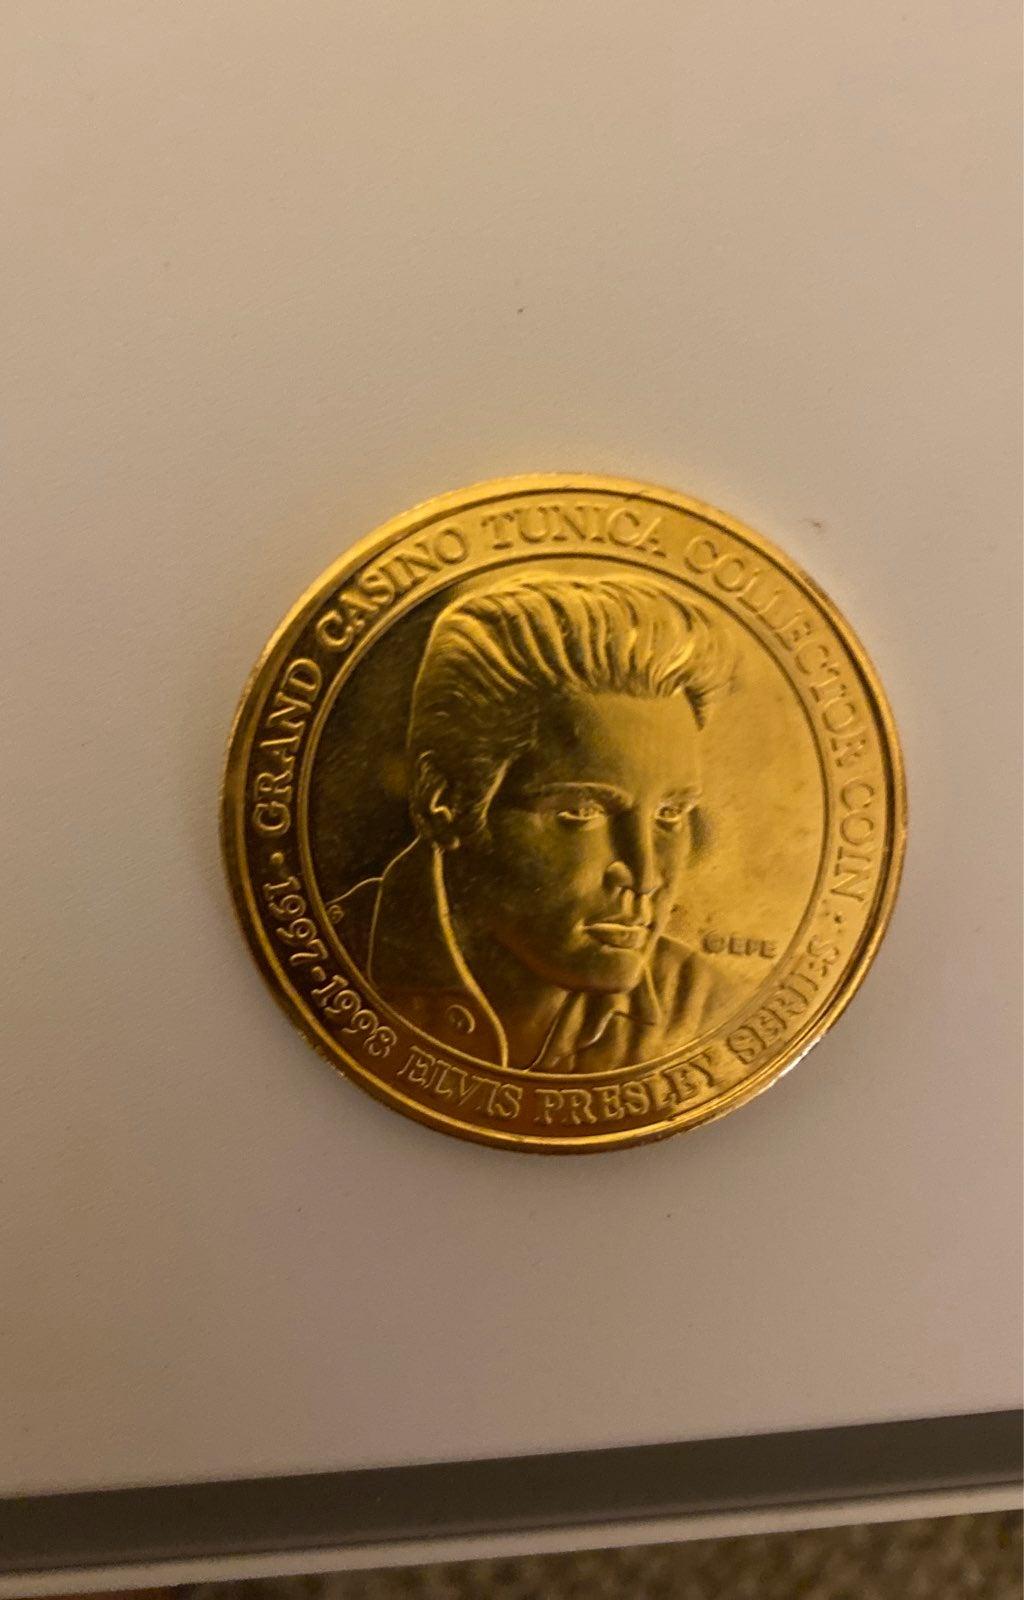 Elvis presley coin